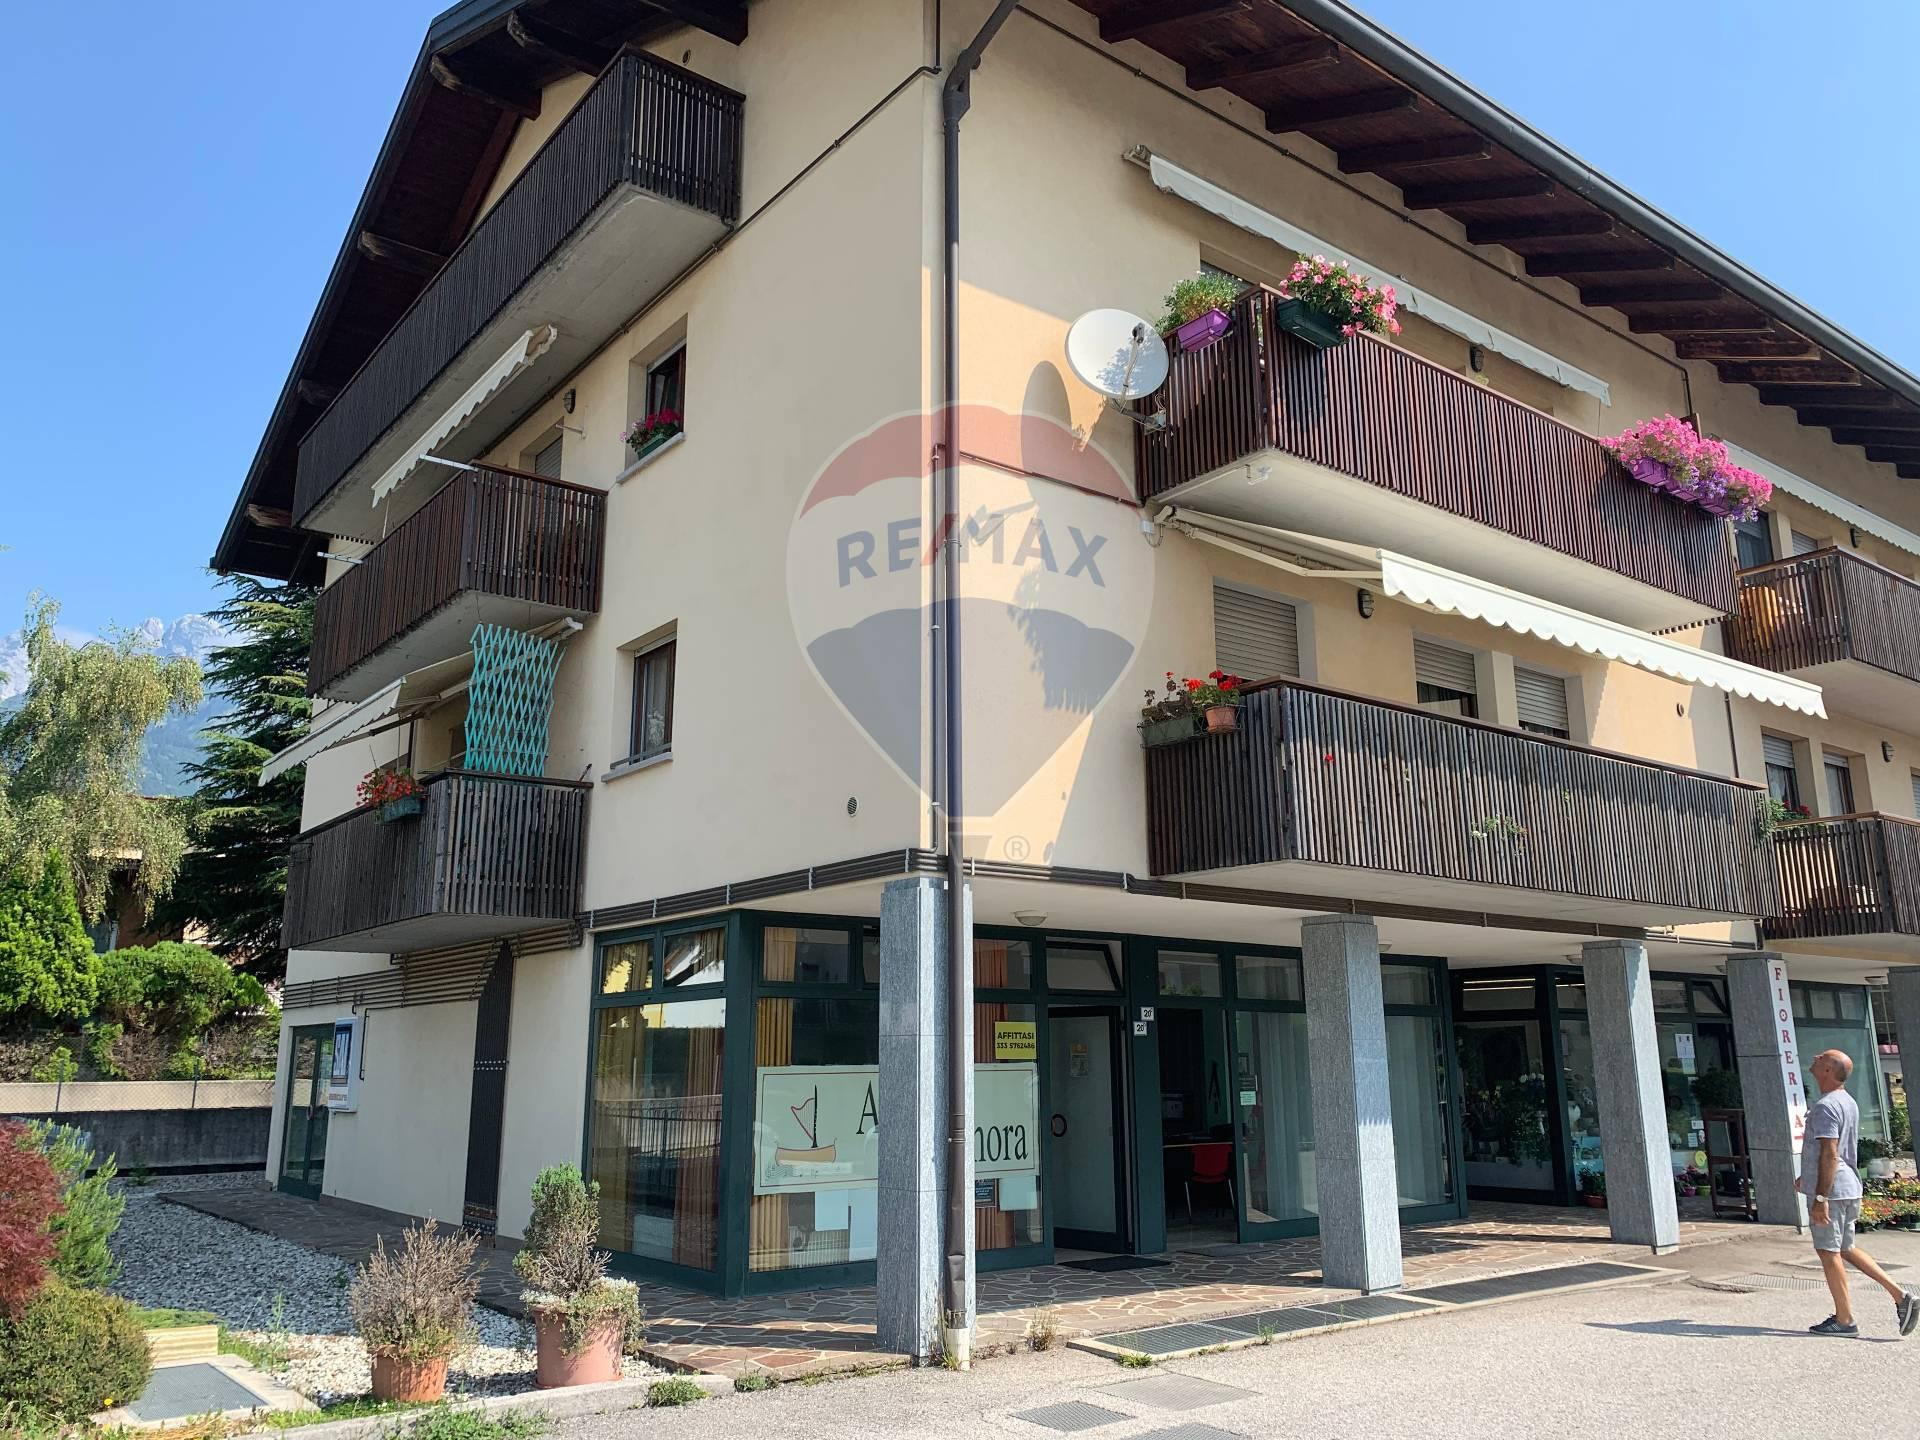 Negozio / Locale in affitto a Santa Giustina, 9999 locali, prezzo € 450 | CambioCasa.it